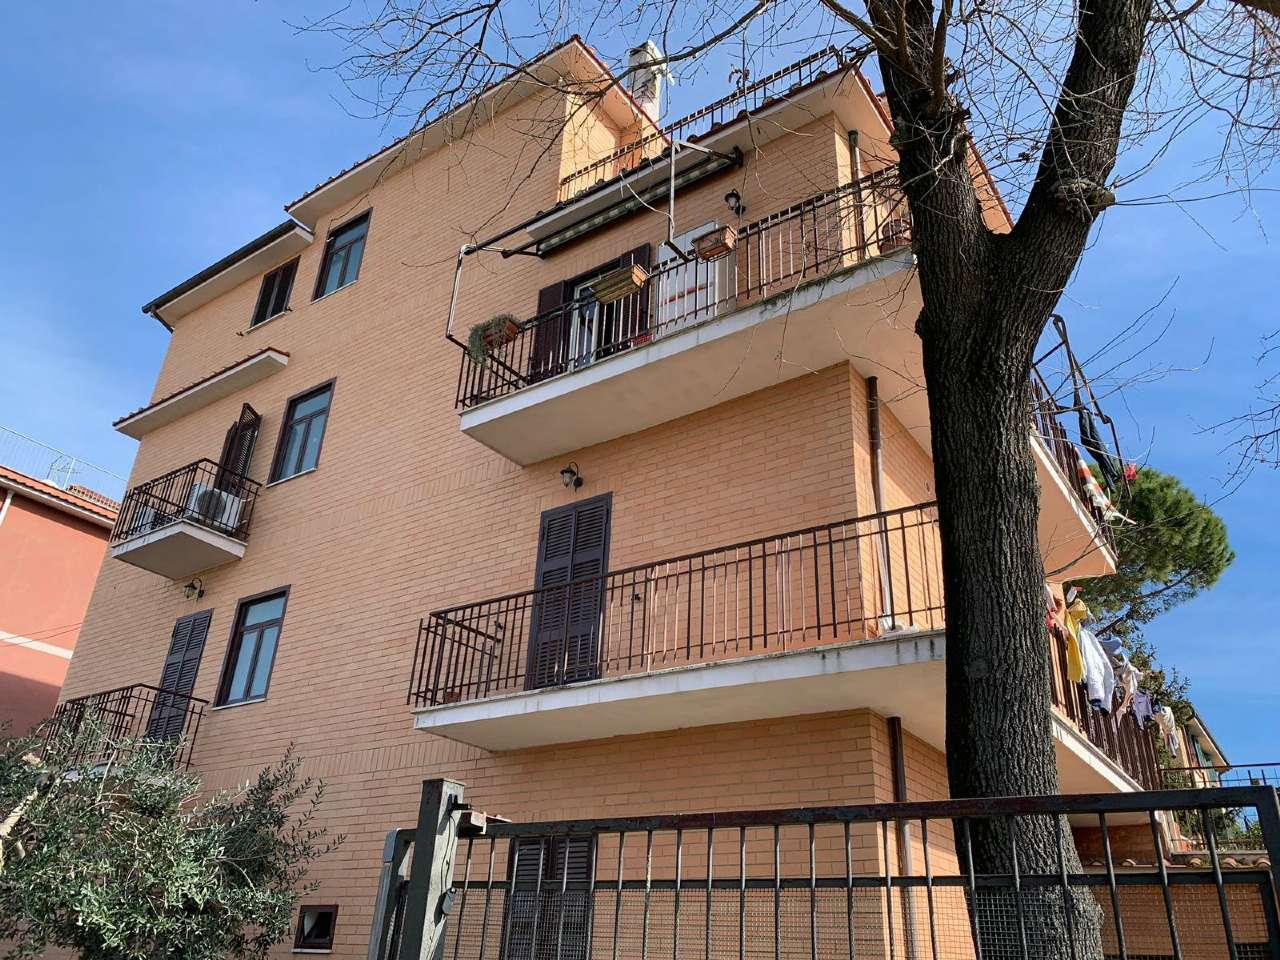 Attico / Mansarda in vendita a Roma, 3 locali, zona Zona: 28 . Torrevecchia - Pineta Sacchetti - Ottavia, prezzo € 139.000   CambioCasa.it